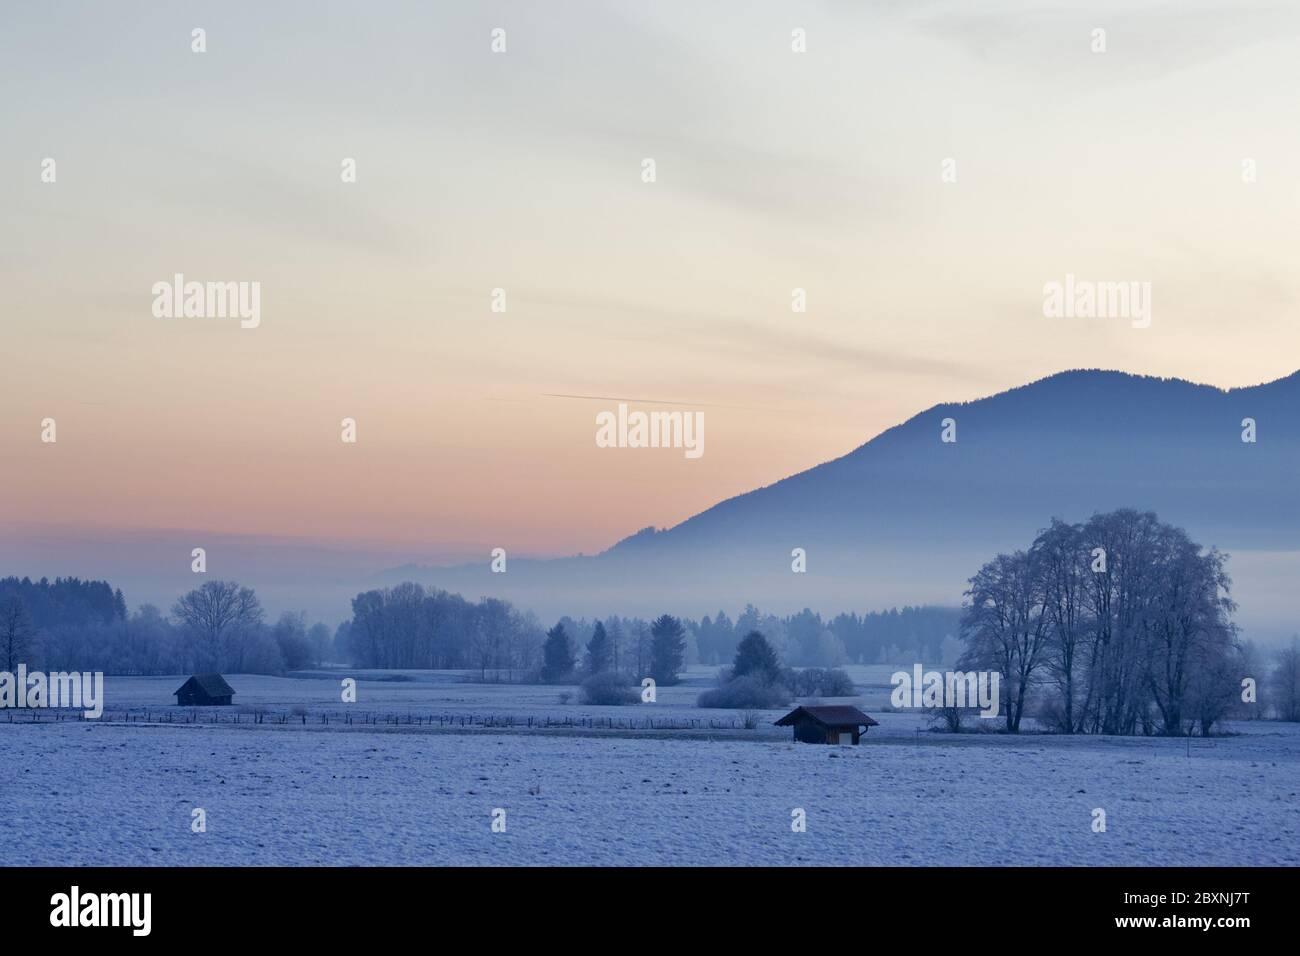 matin, ambiance avec des gelées dans les alpes bavaroises, en allemagne Banque D'Images